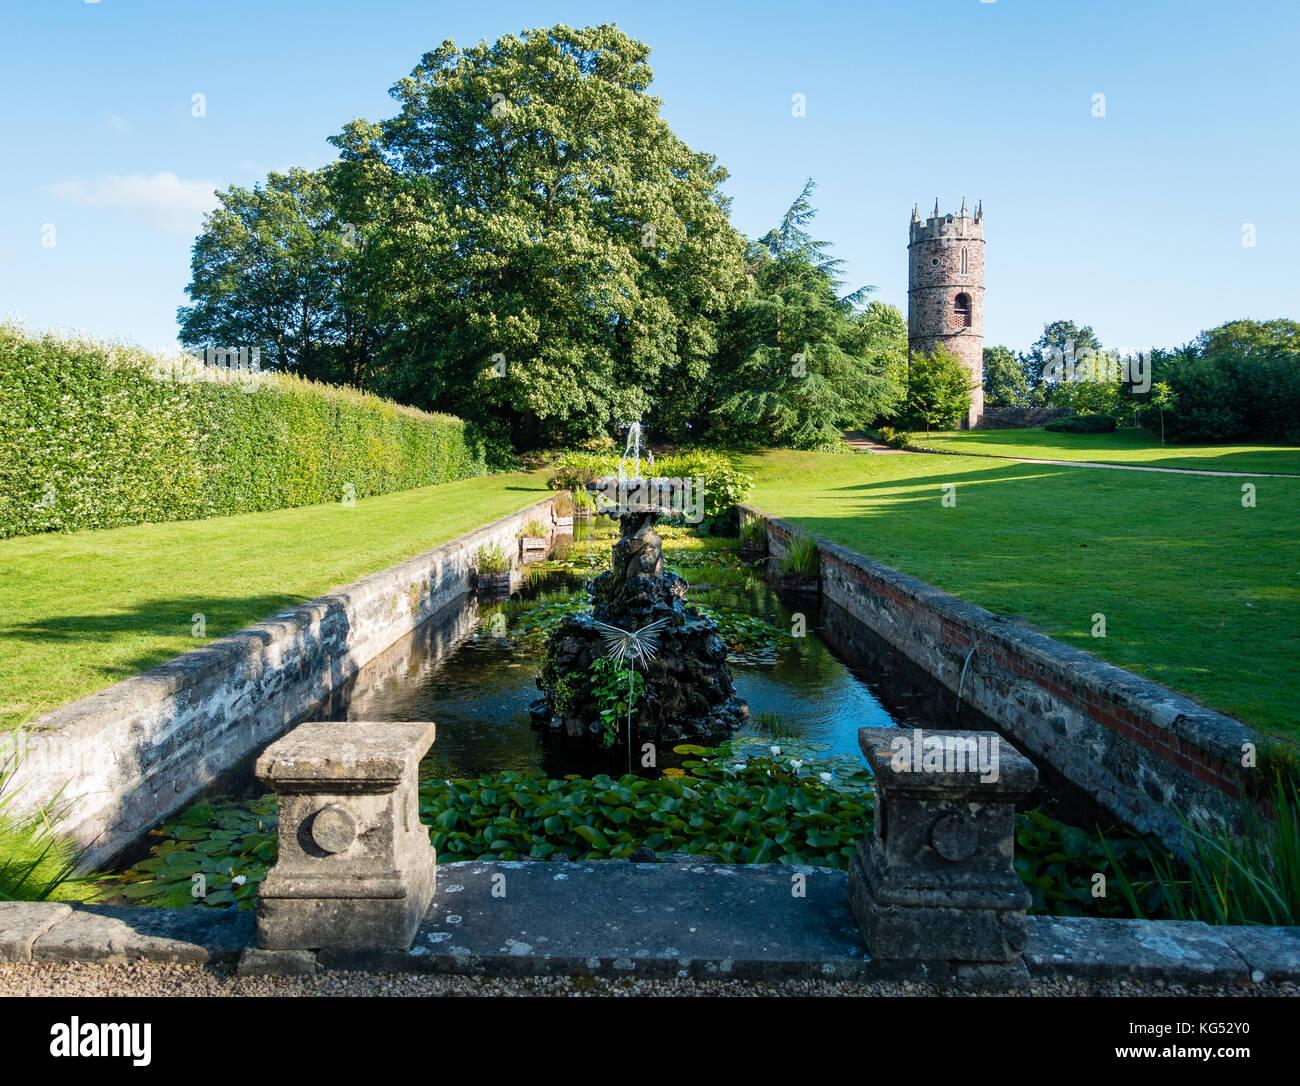 Clifton Gardens Stock Photos & Clifton Gardens Stock Images - Alamy